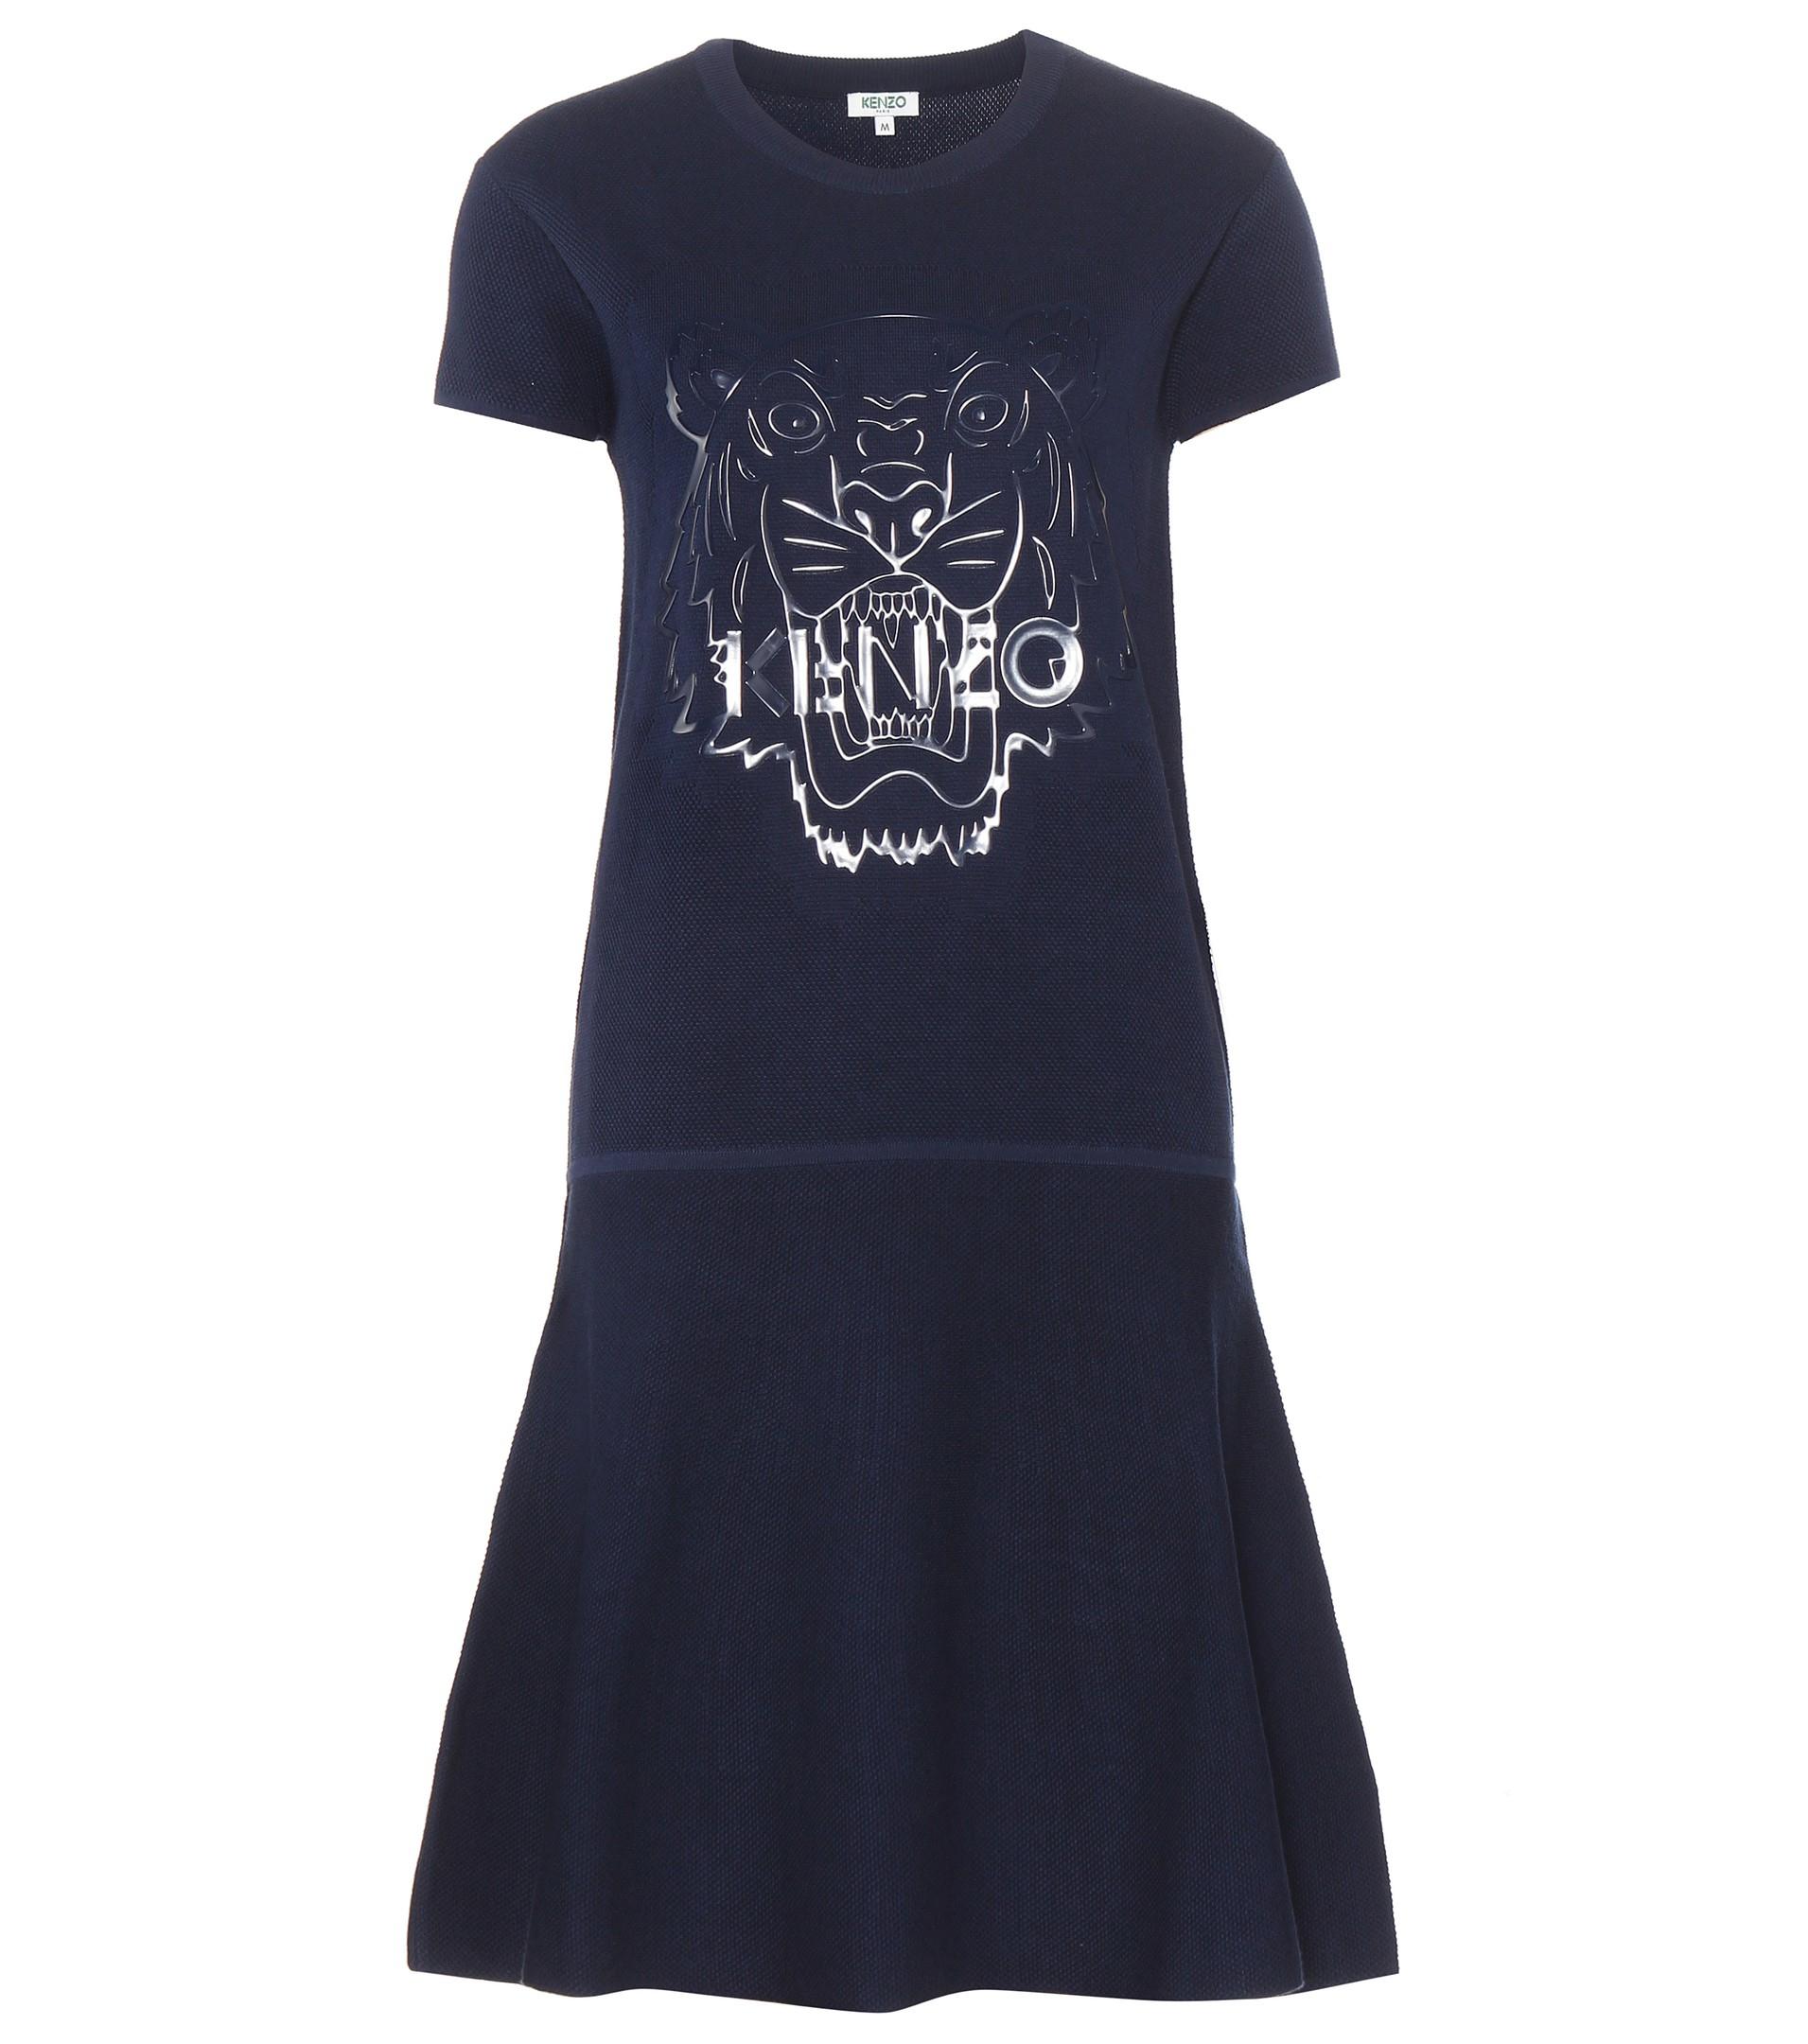 Kenzo Cotton Sweater Dress in Blue | Lyst